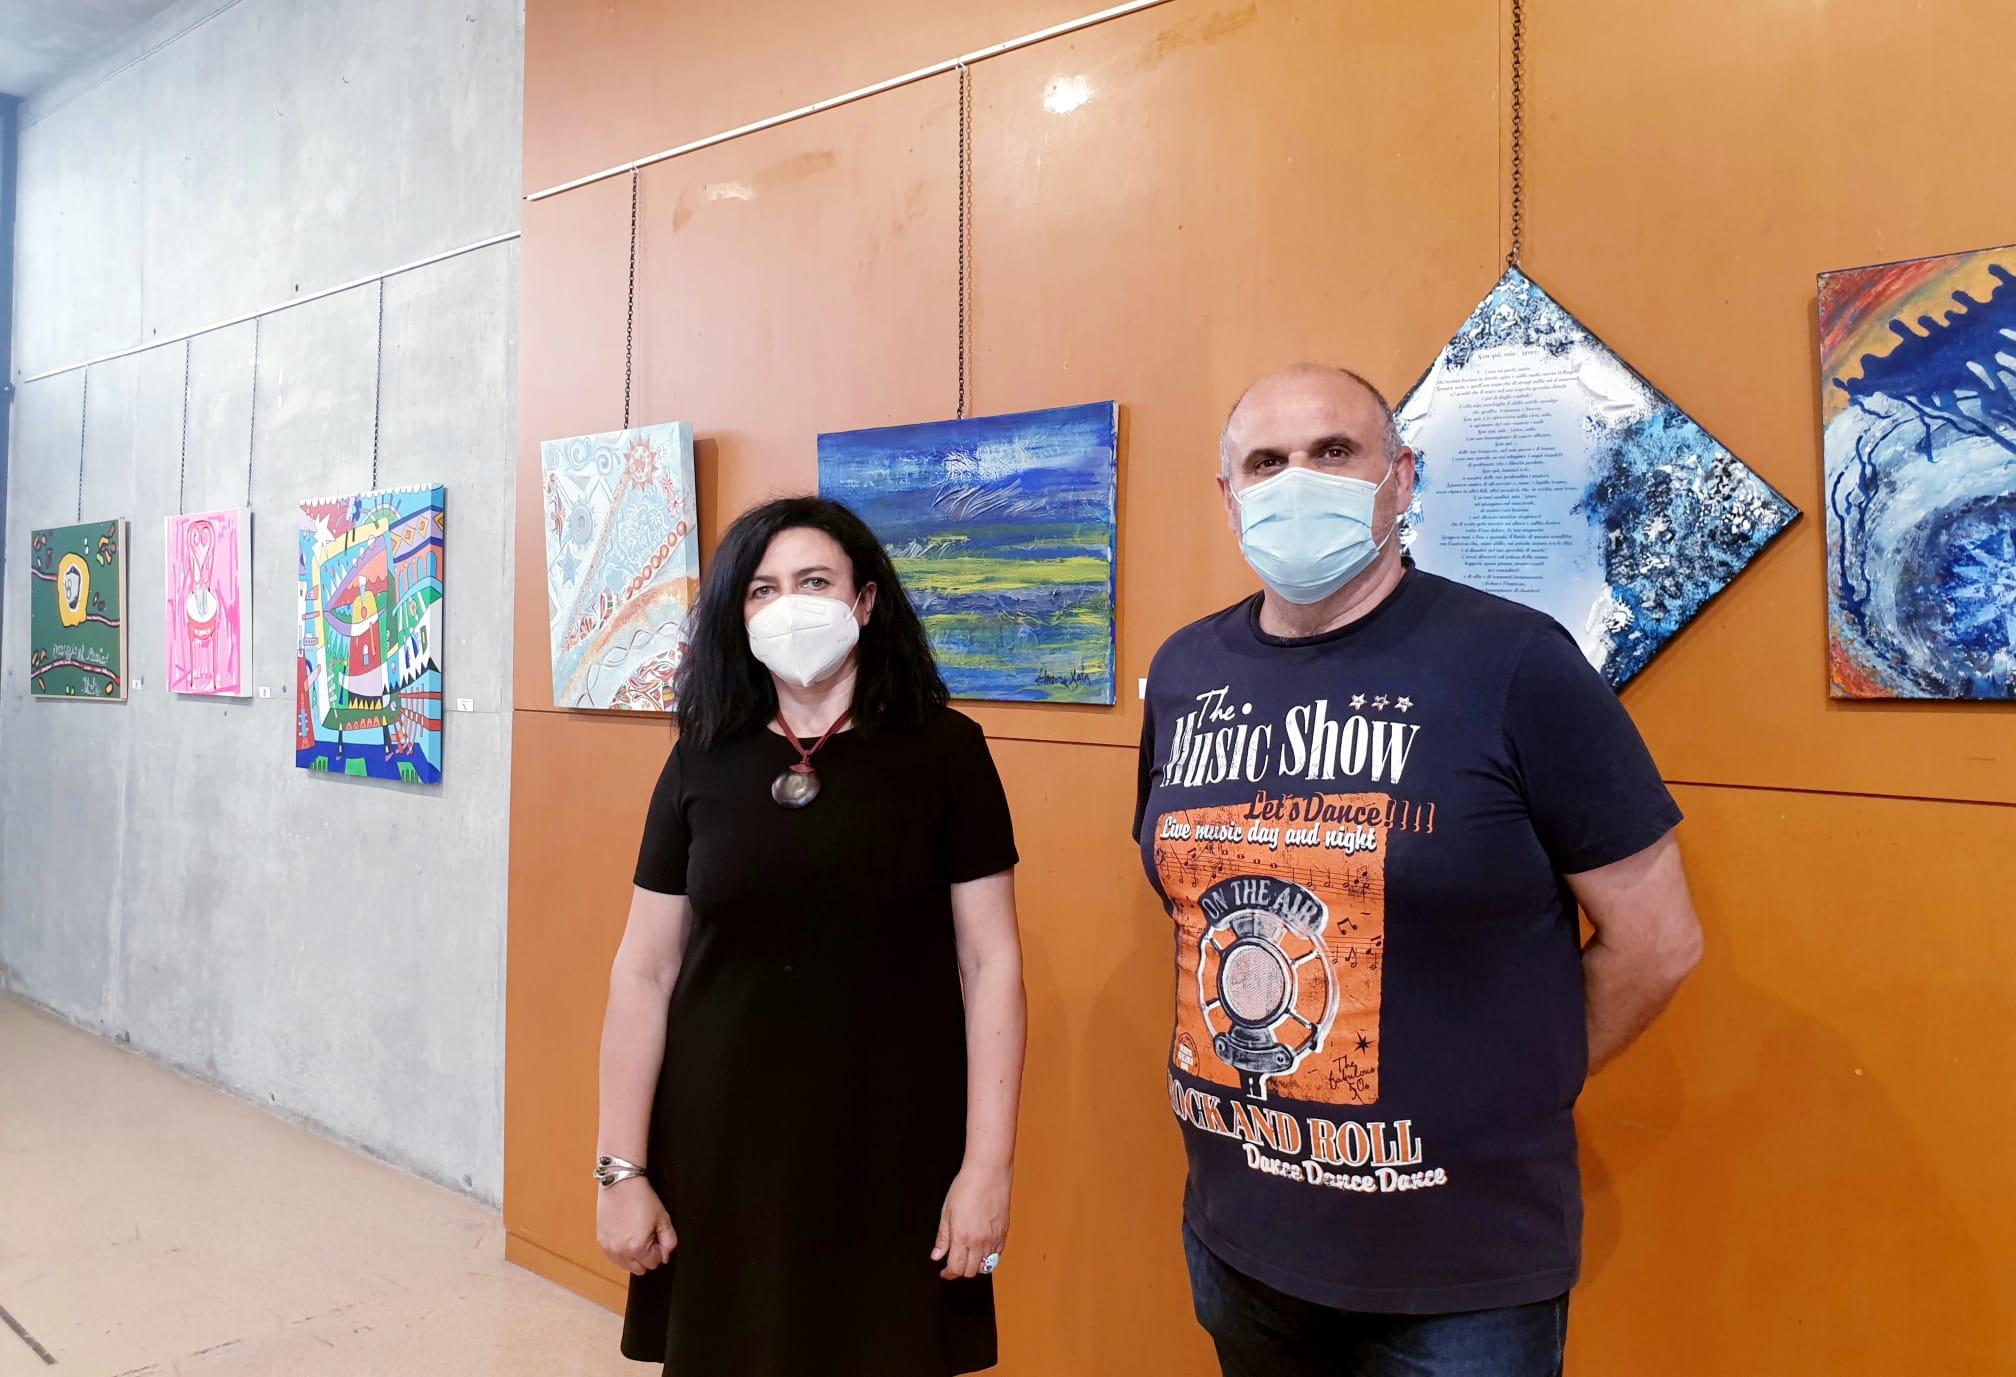 La sala de exposiciones del Museo del Calzado acoge una nueva exposición en la que más de 30 artistas españoles e italianos ofrecen su visión personal sobre el Mediterráneo